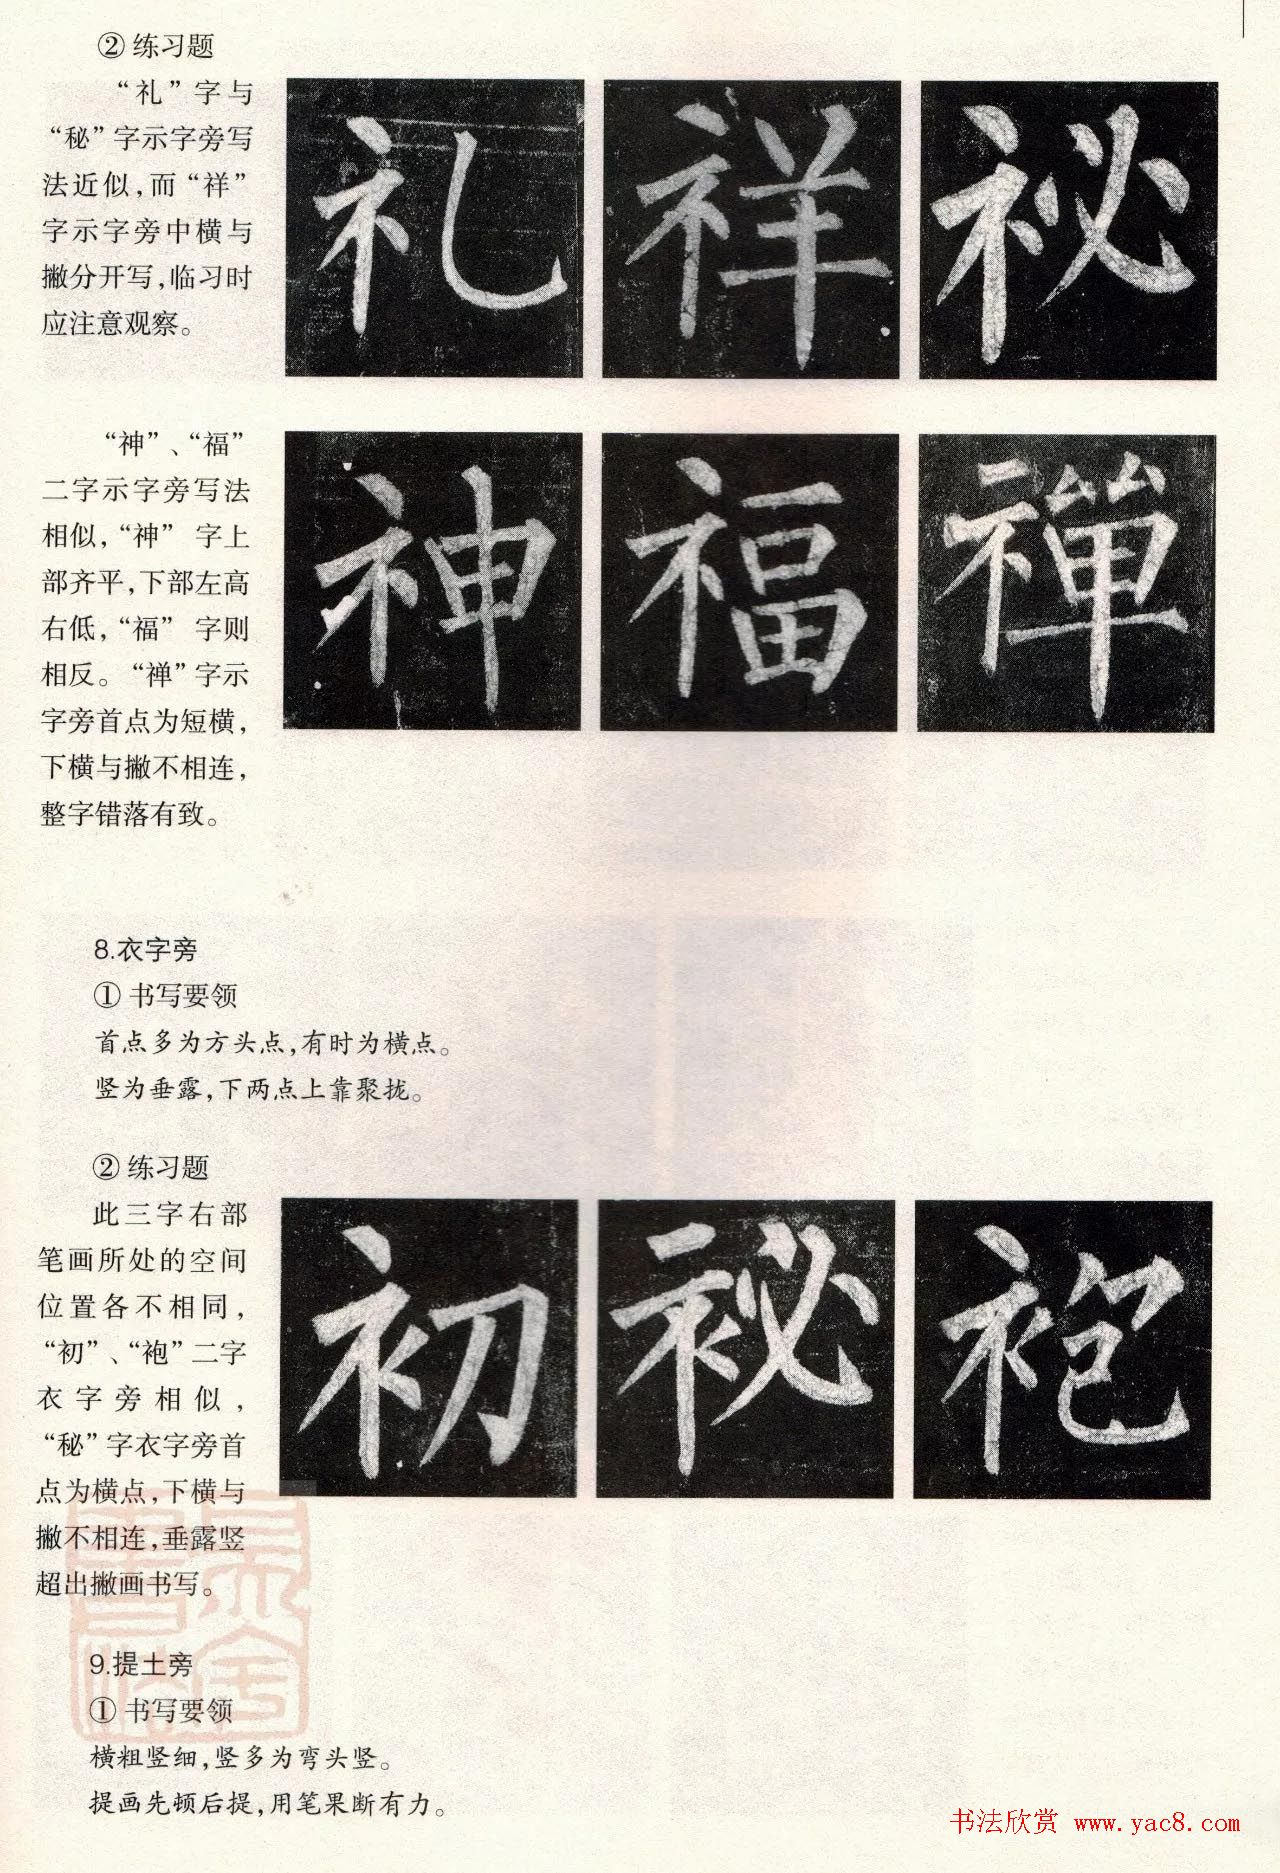 柳体楷书教程:玄秘塔碑--偏旁篇